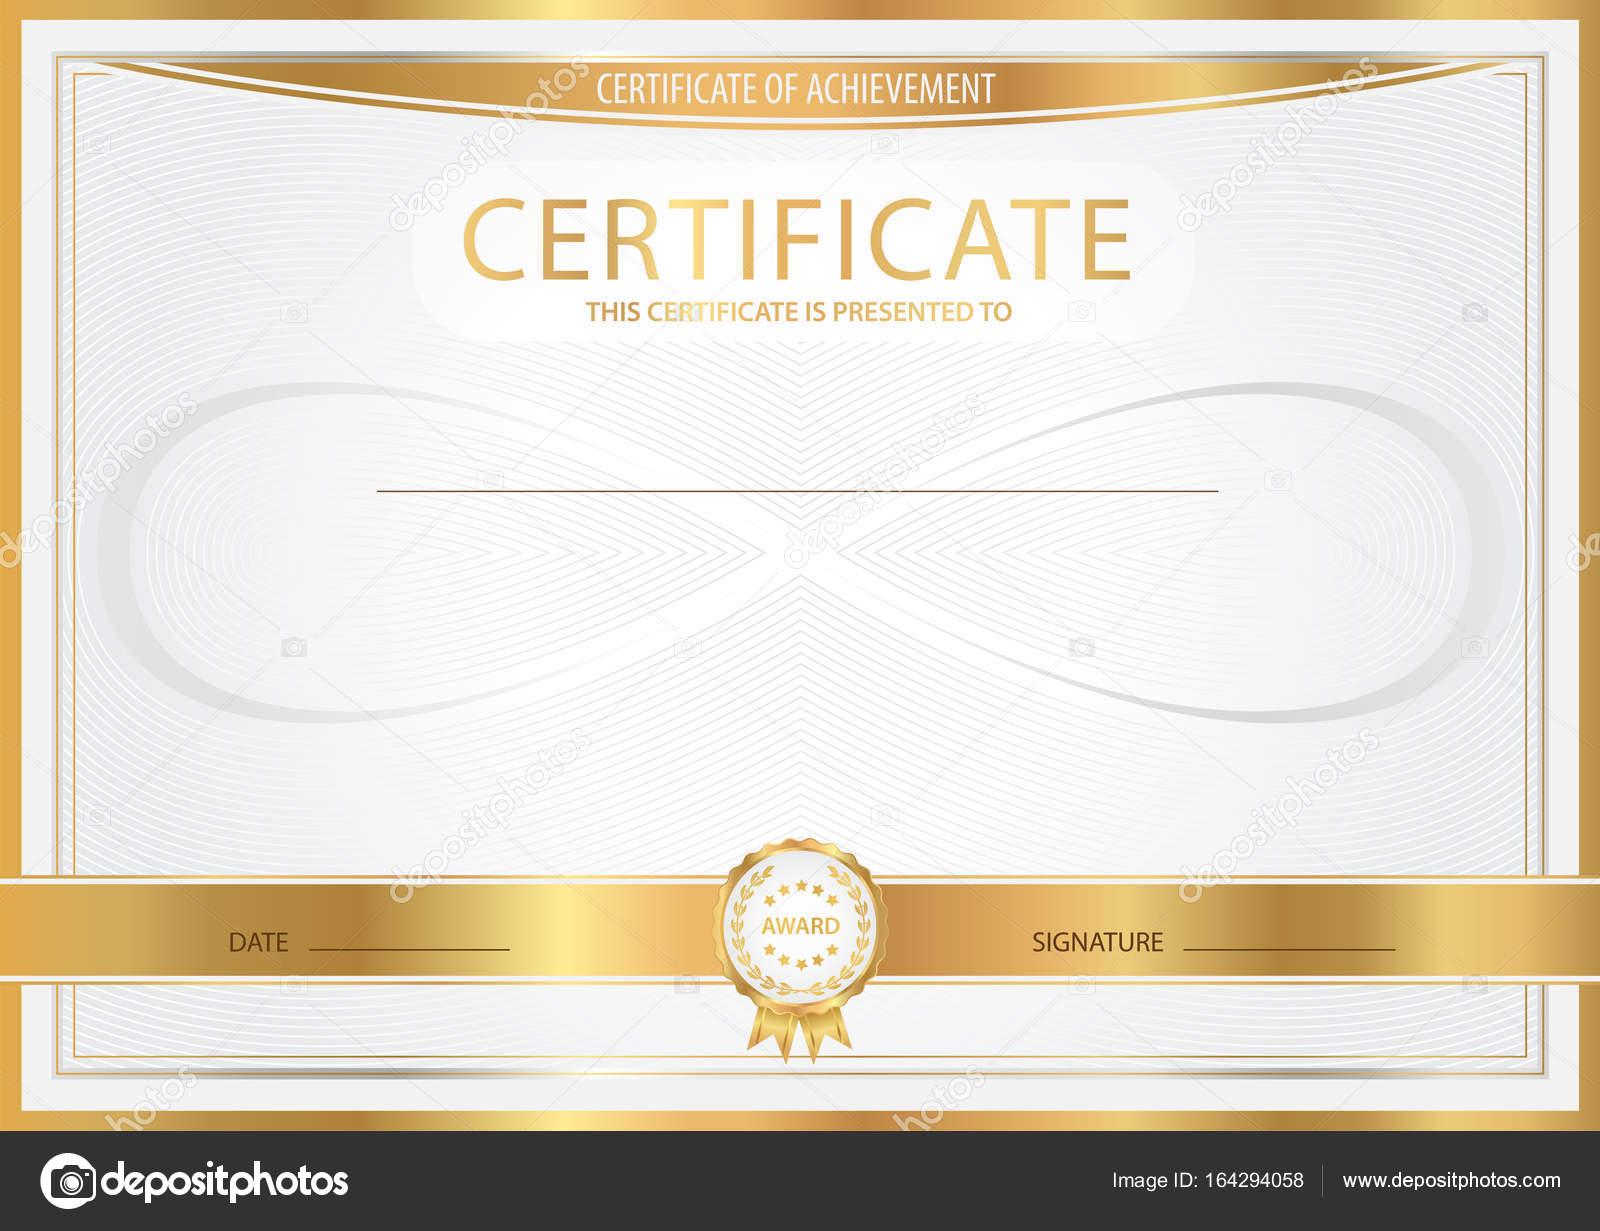 Zertifikat, Abschlusszeugnis (abstrakte Design-Vorlage, Hintergrund ...